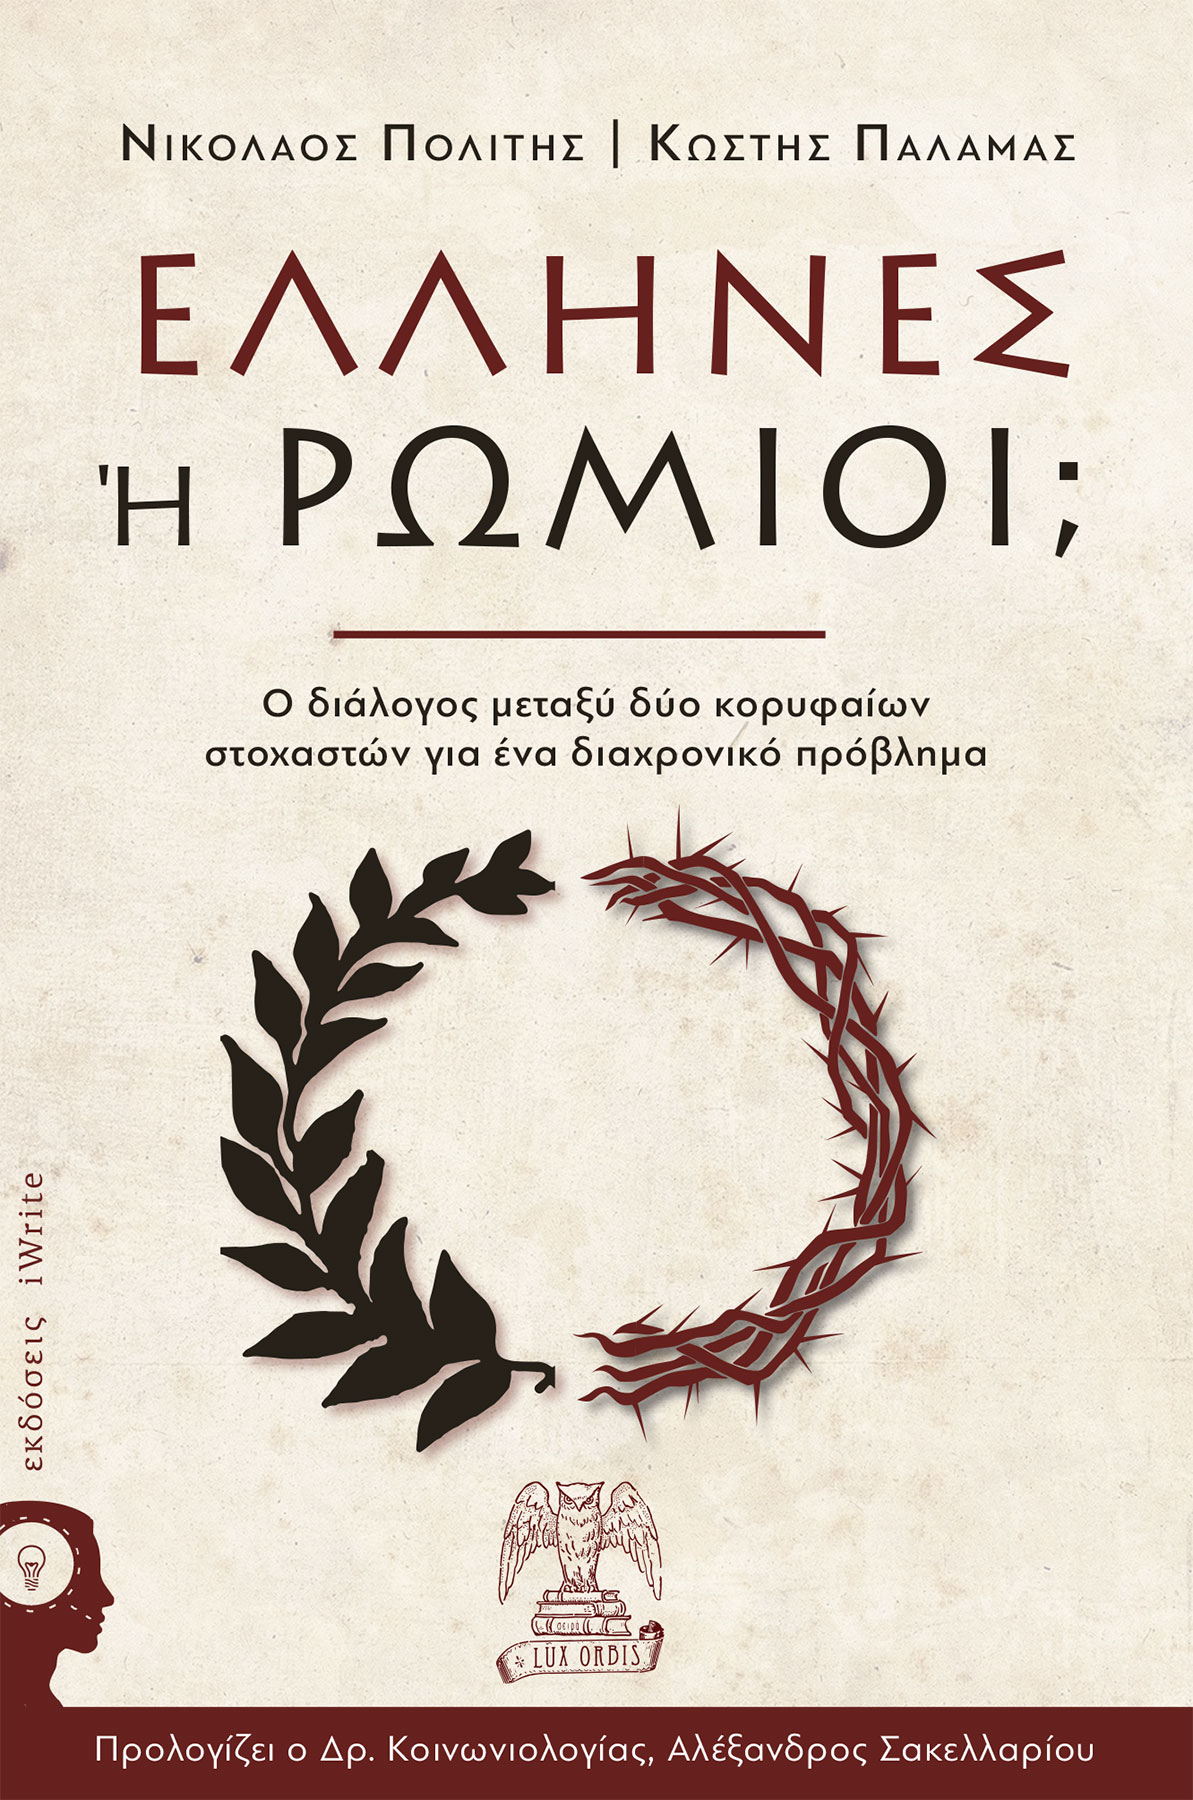 Νικόλαος Πολίτης - Κωστής Παλαμάς - Έλληνες η Ρωμιοί - Lux Orbis - Εκδόσεις iWrite